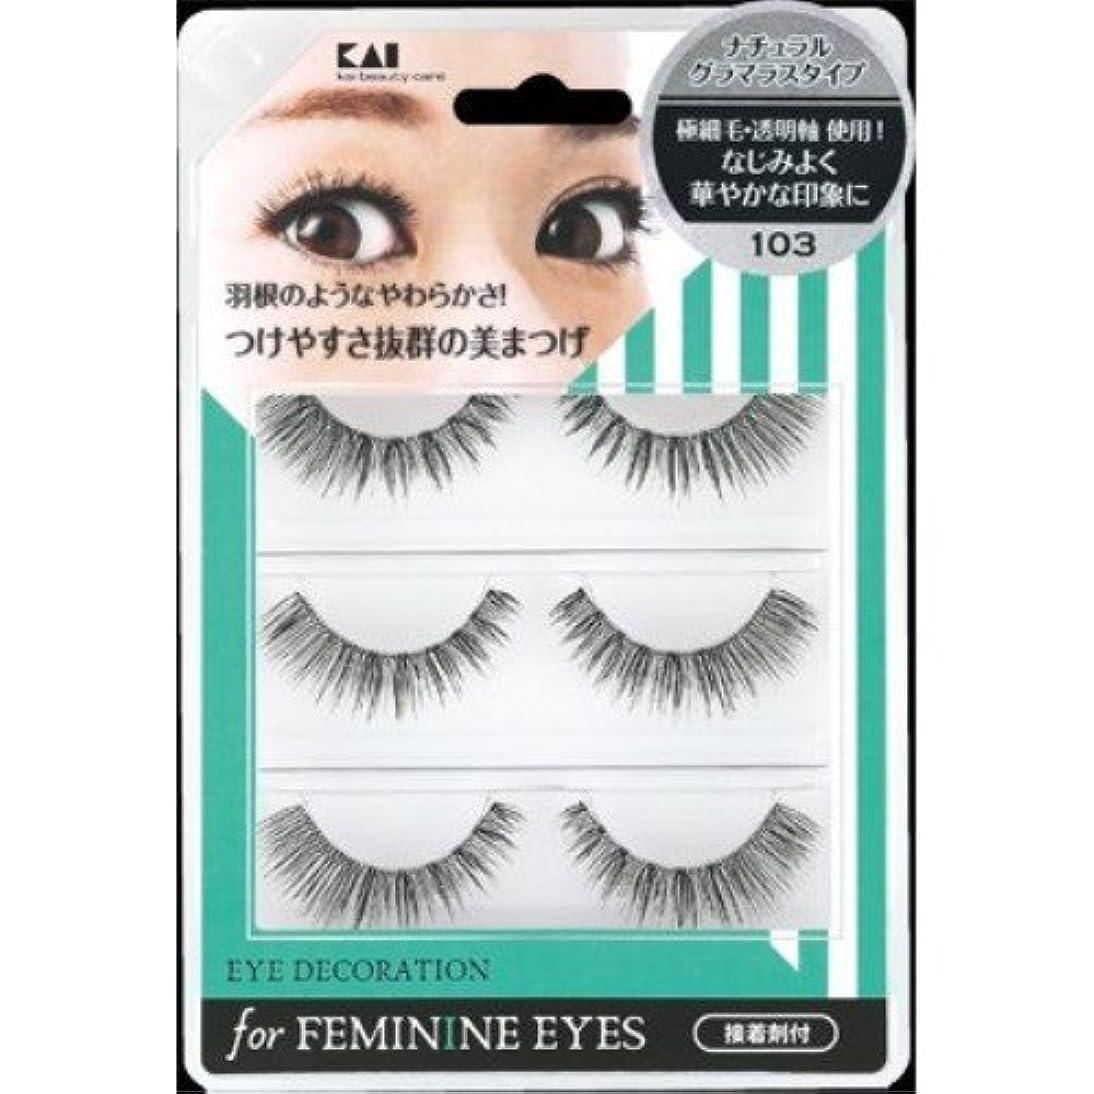 長さバクテリア省略する貝印 アイデコレーション for feminine eyes 103 HC1557